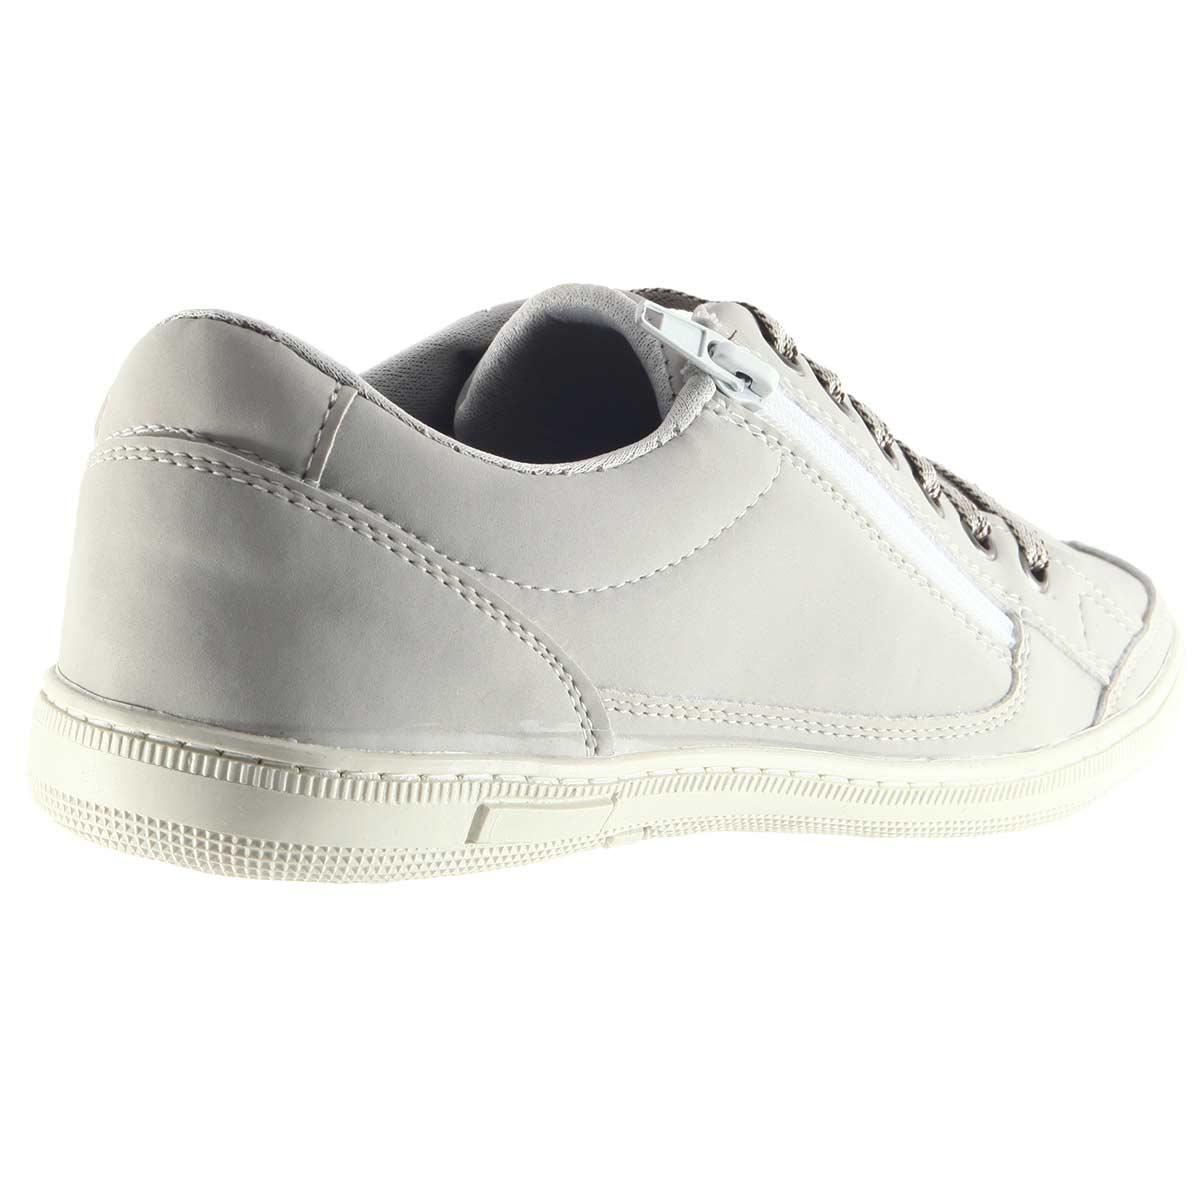 Sapatênis Doc Shoes Casual Ziper Confortável Lindo 7124